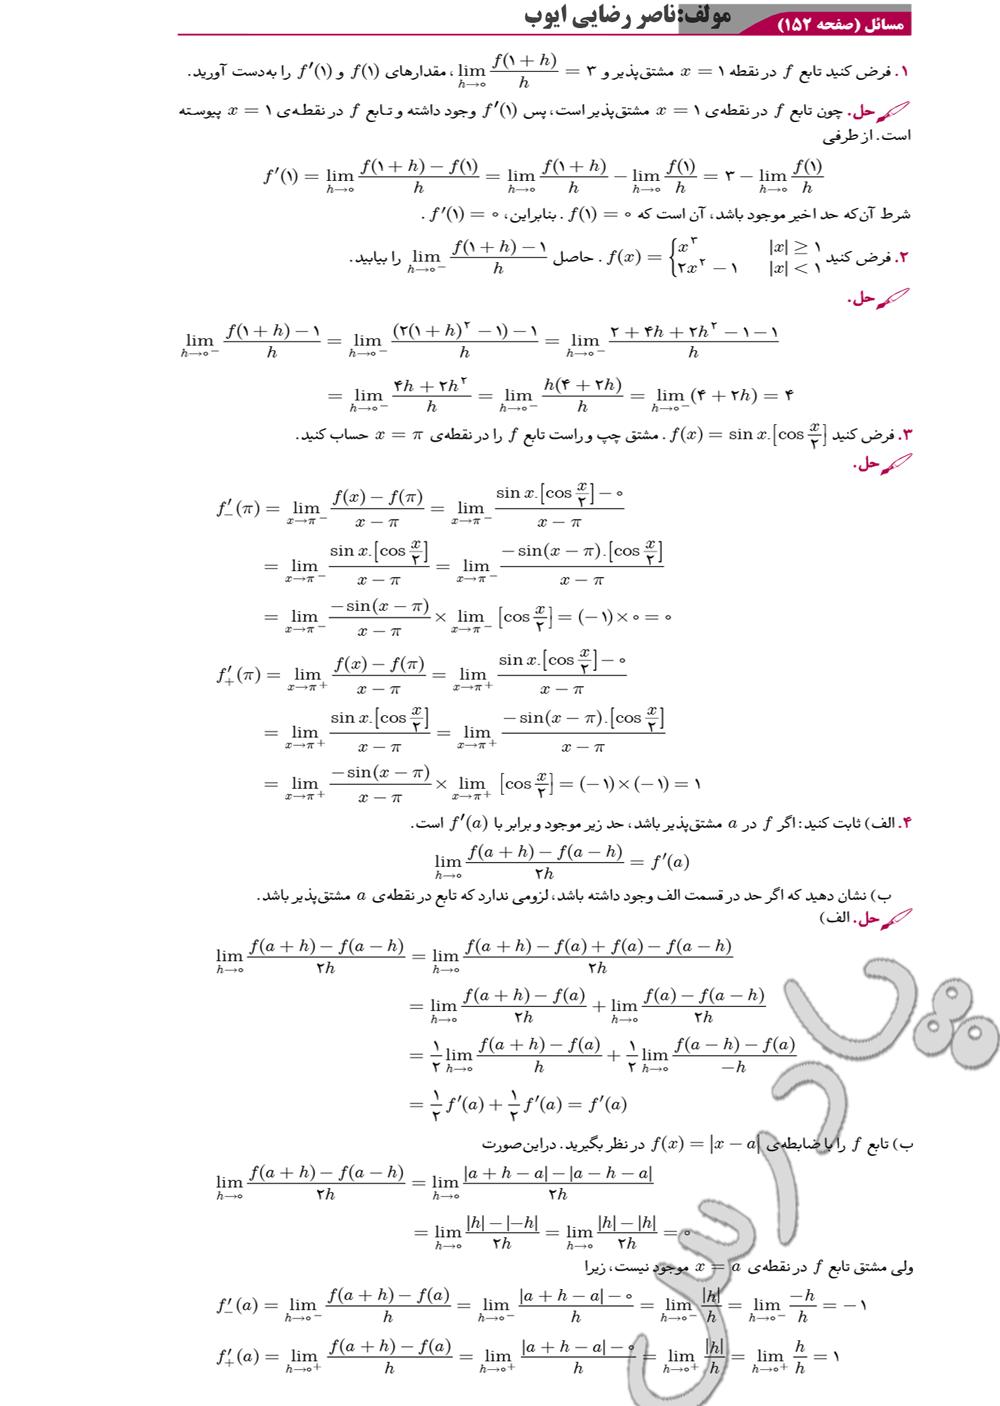 حل مسائل صفحه 150 دیفرانسیل پیش دانشگاهی